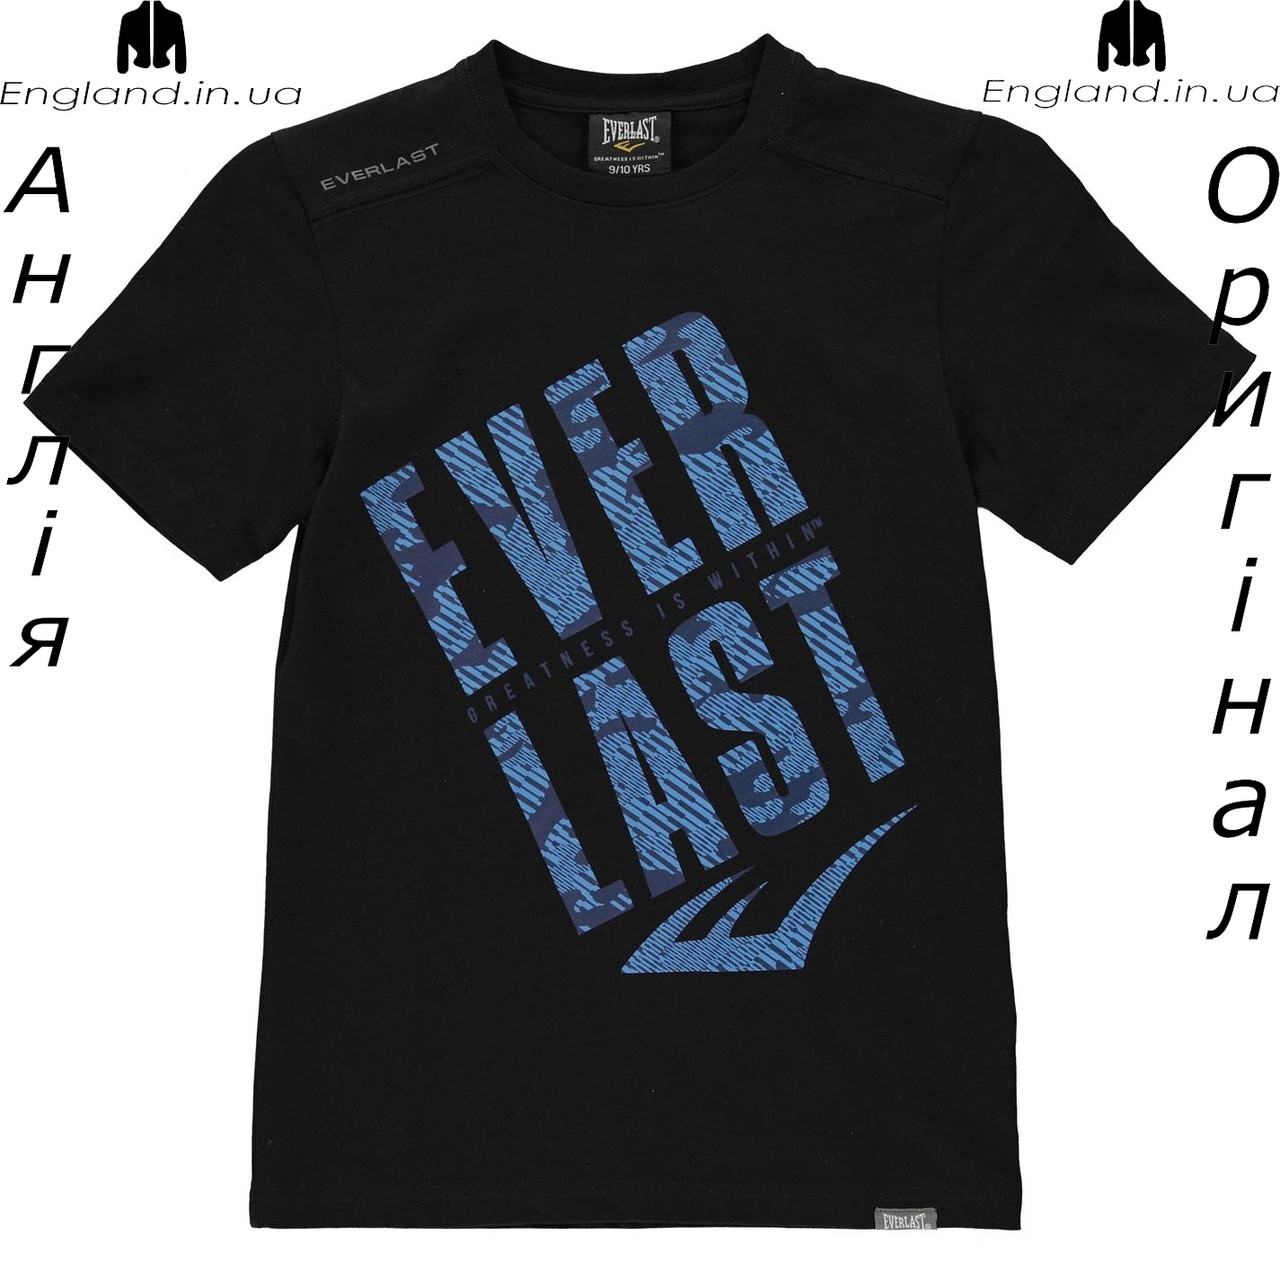 Распродажа !!! Футболка Everlast из Англии для мальчиков 2-14 лет - для тренеровок чёрная